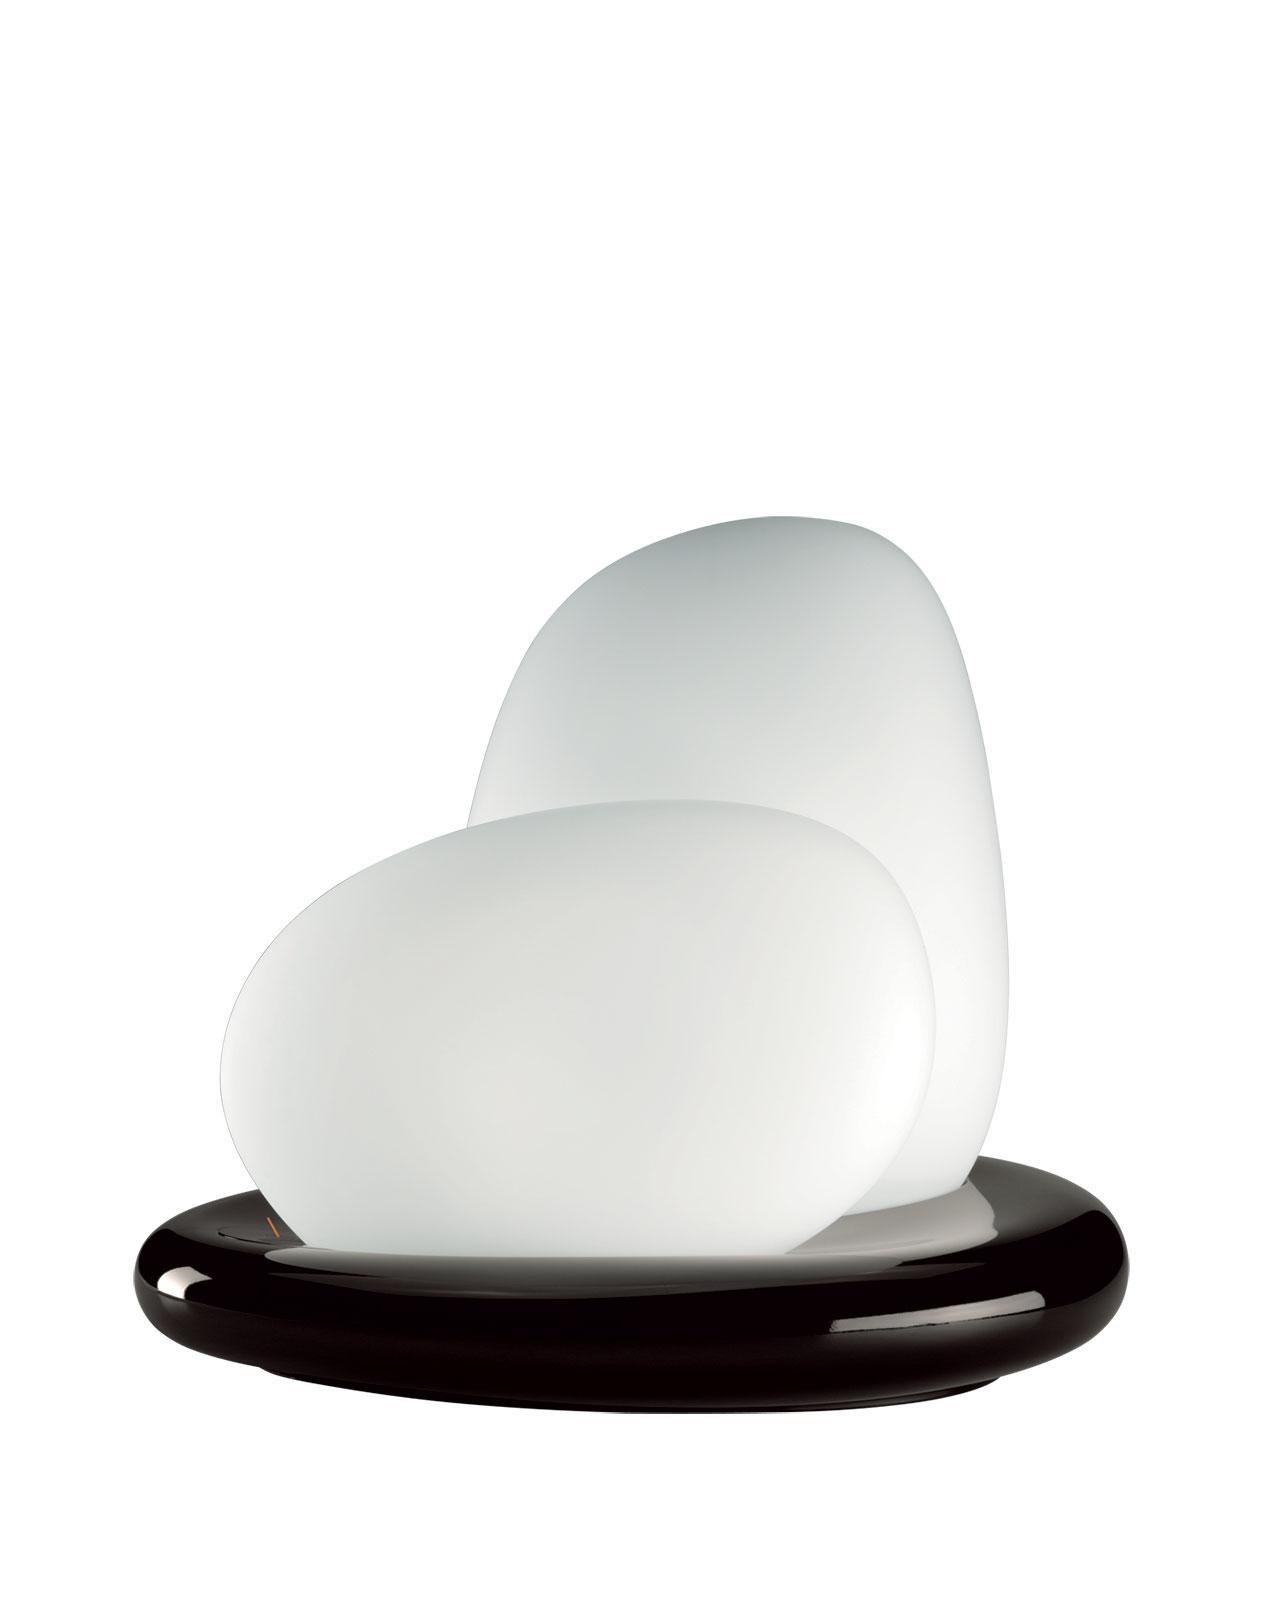 table lamp murano glass white design dimmer post made in italy light online white glass office light post